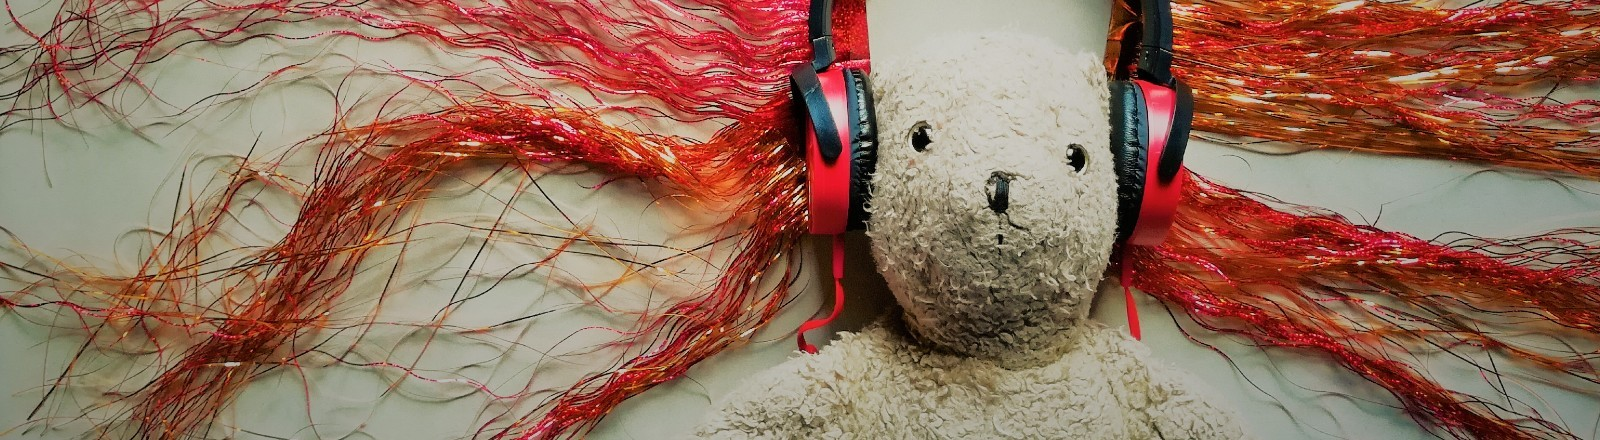 Teddybär mit Kopfhörern.